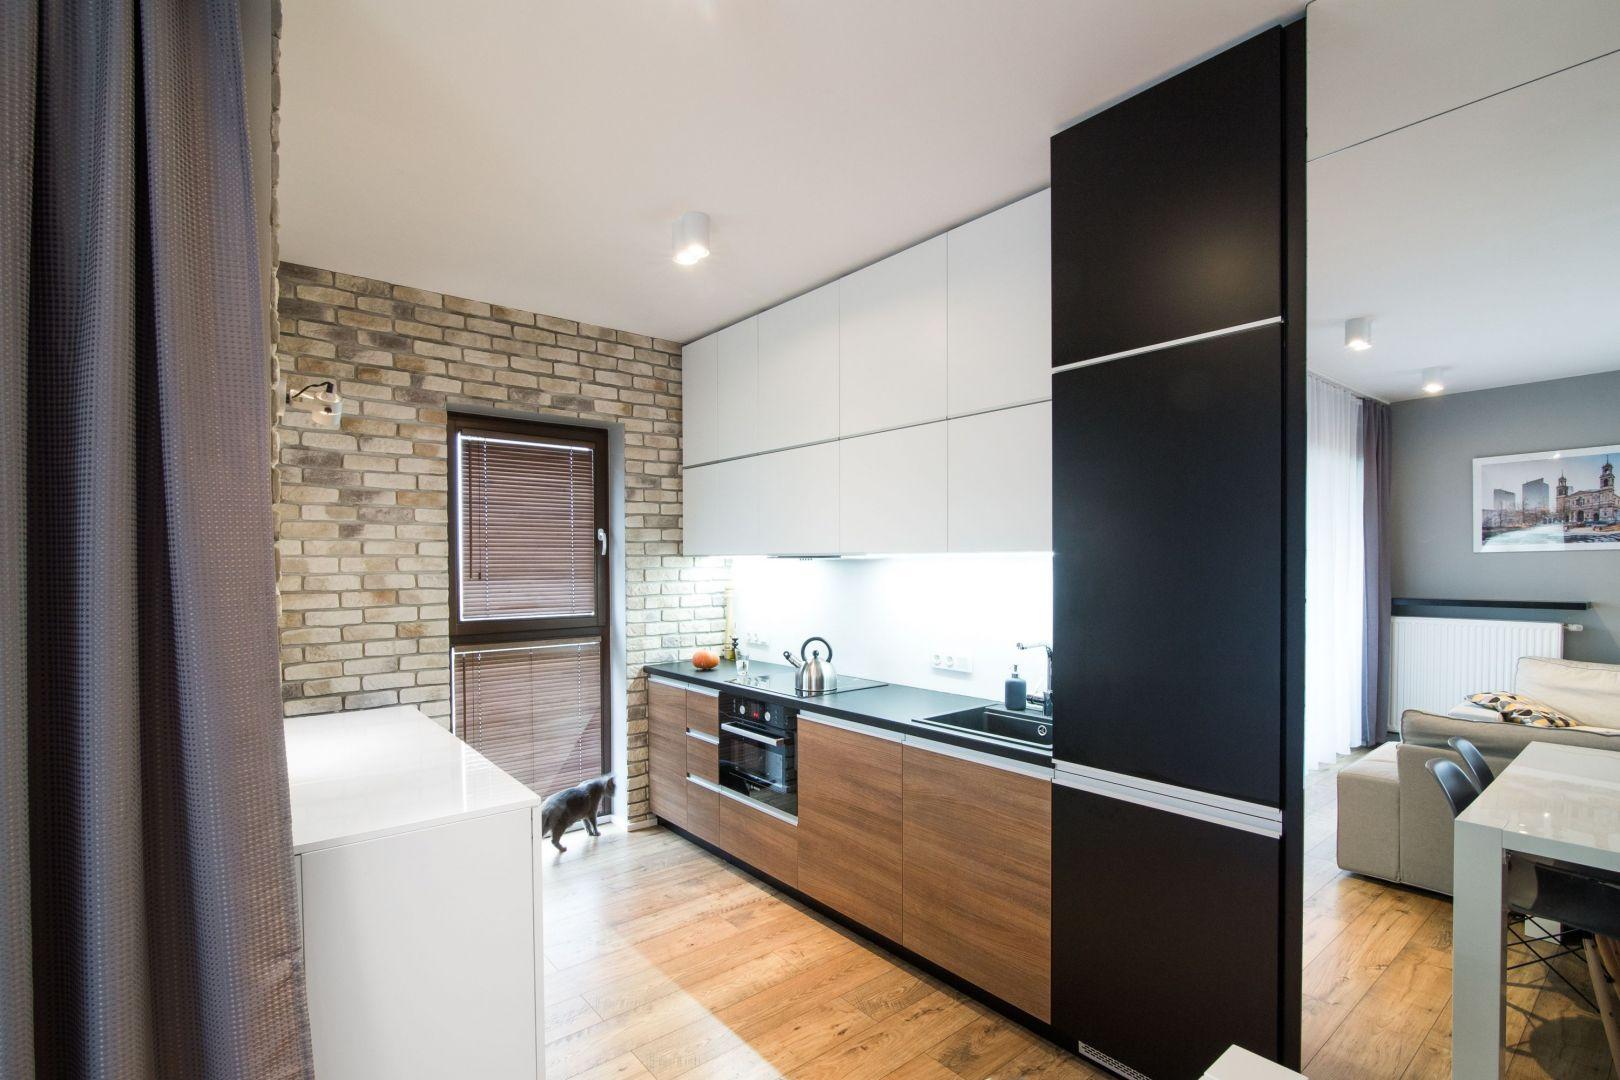 Mała kuchnia w bloku, w której biel pięknie łączy się drewnem oraz czernią. Projekt i zdjęcia: Joanna Nawrocka